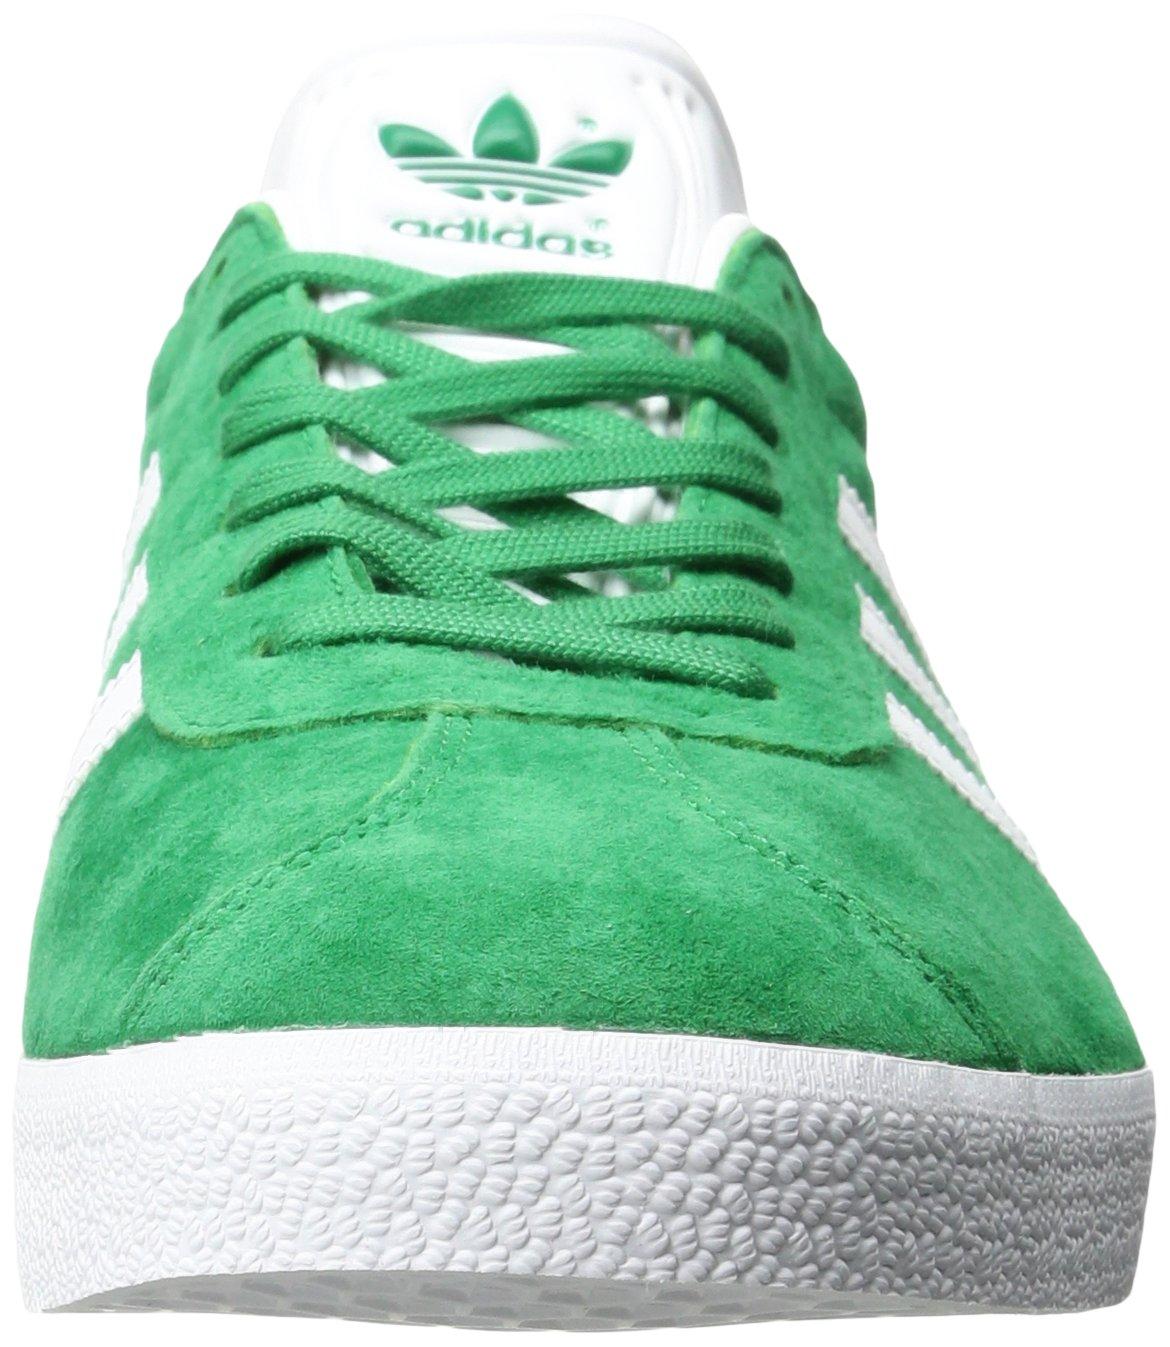 Zapatillas de b07bhkq7r5 / deporte casual Adidas Adidas Gazelle de